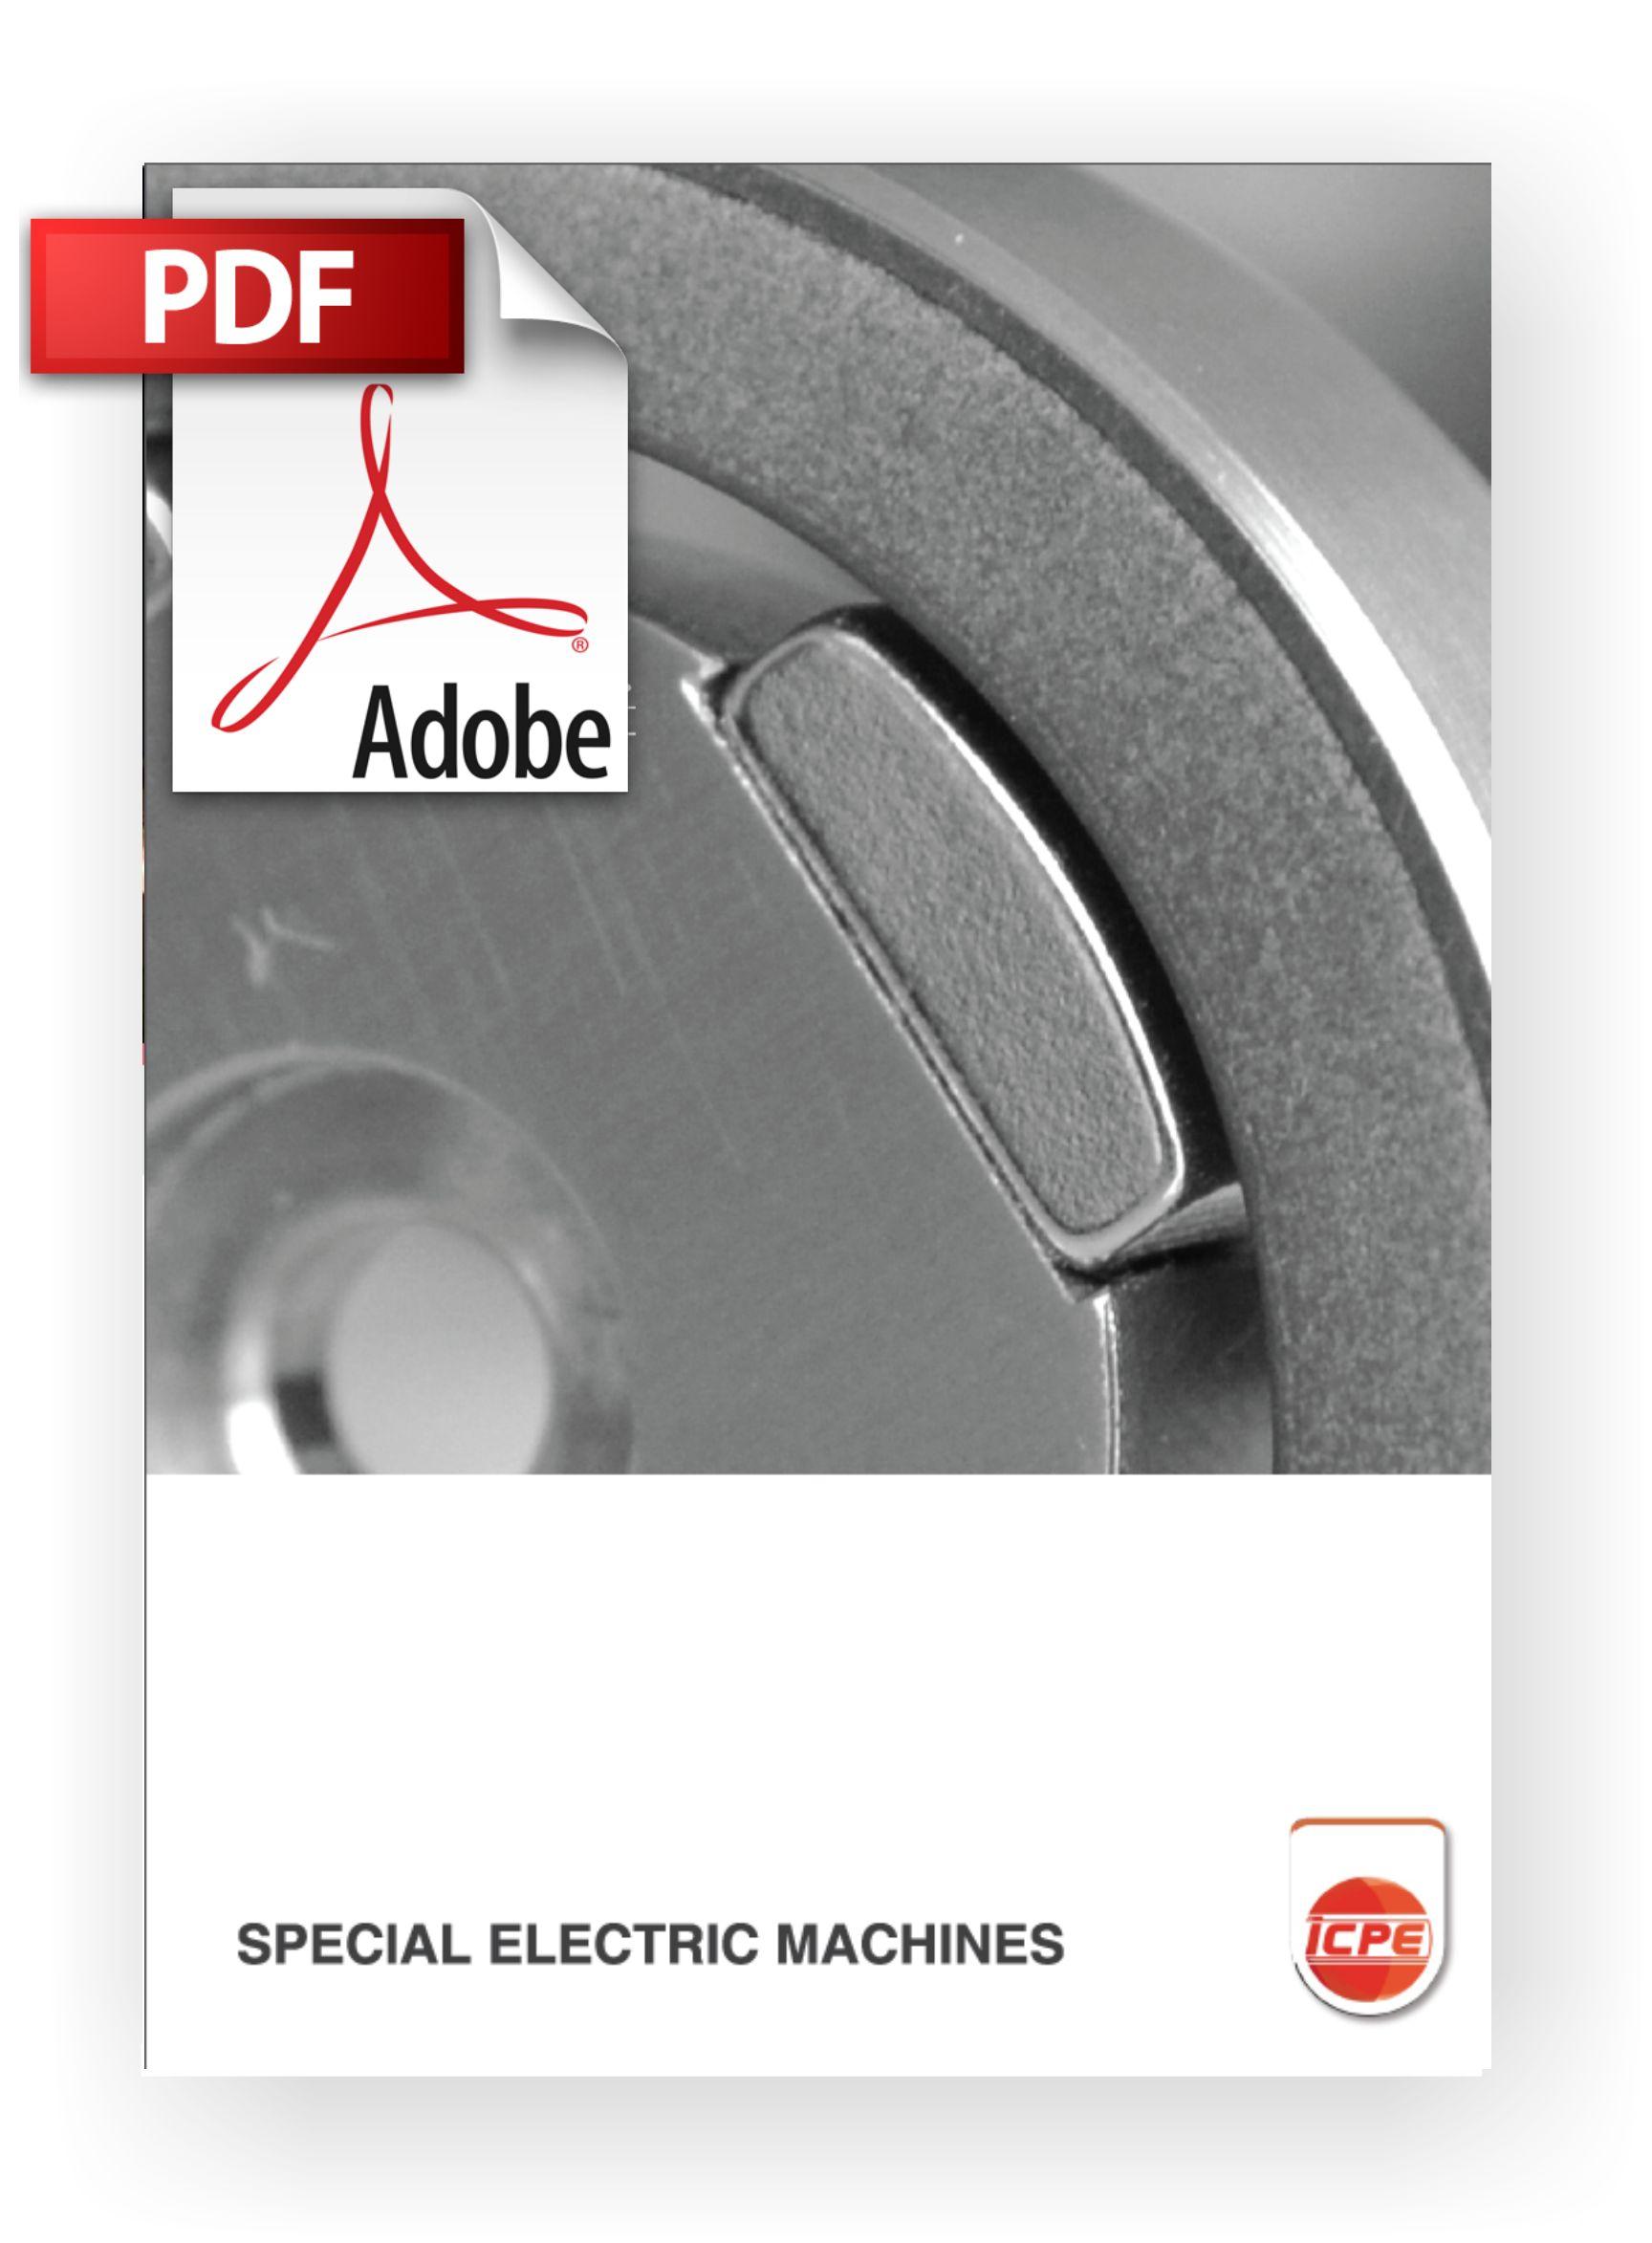 Icpe - Maşini Electrice Speciale